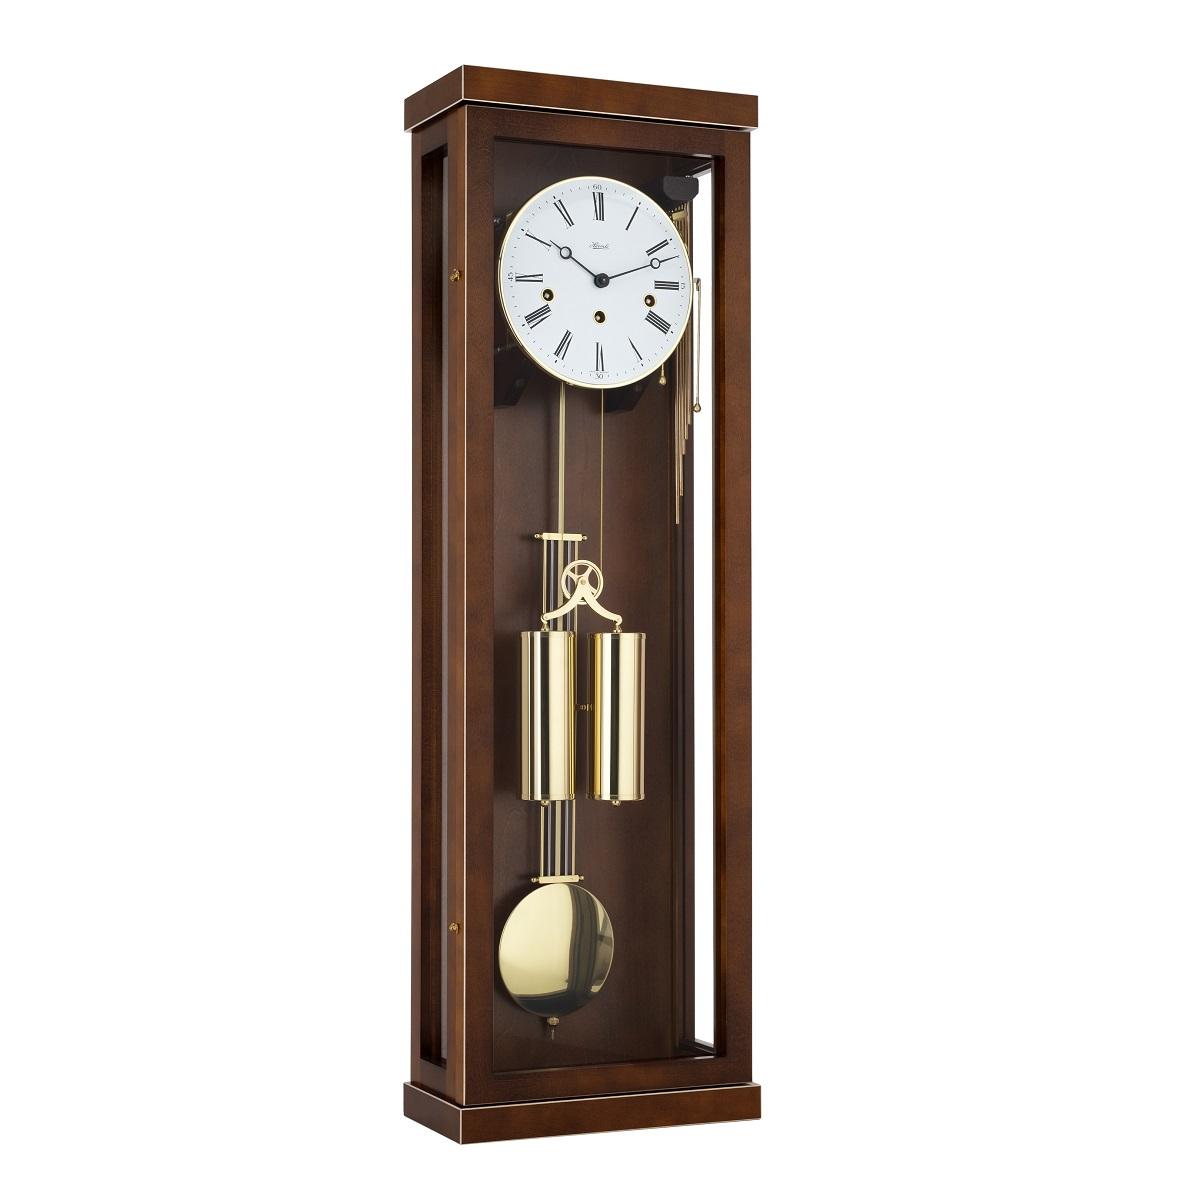 Đồng hồ treo tường quả lắc HERMLE 70994-030351